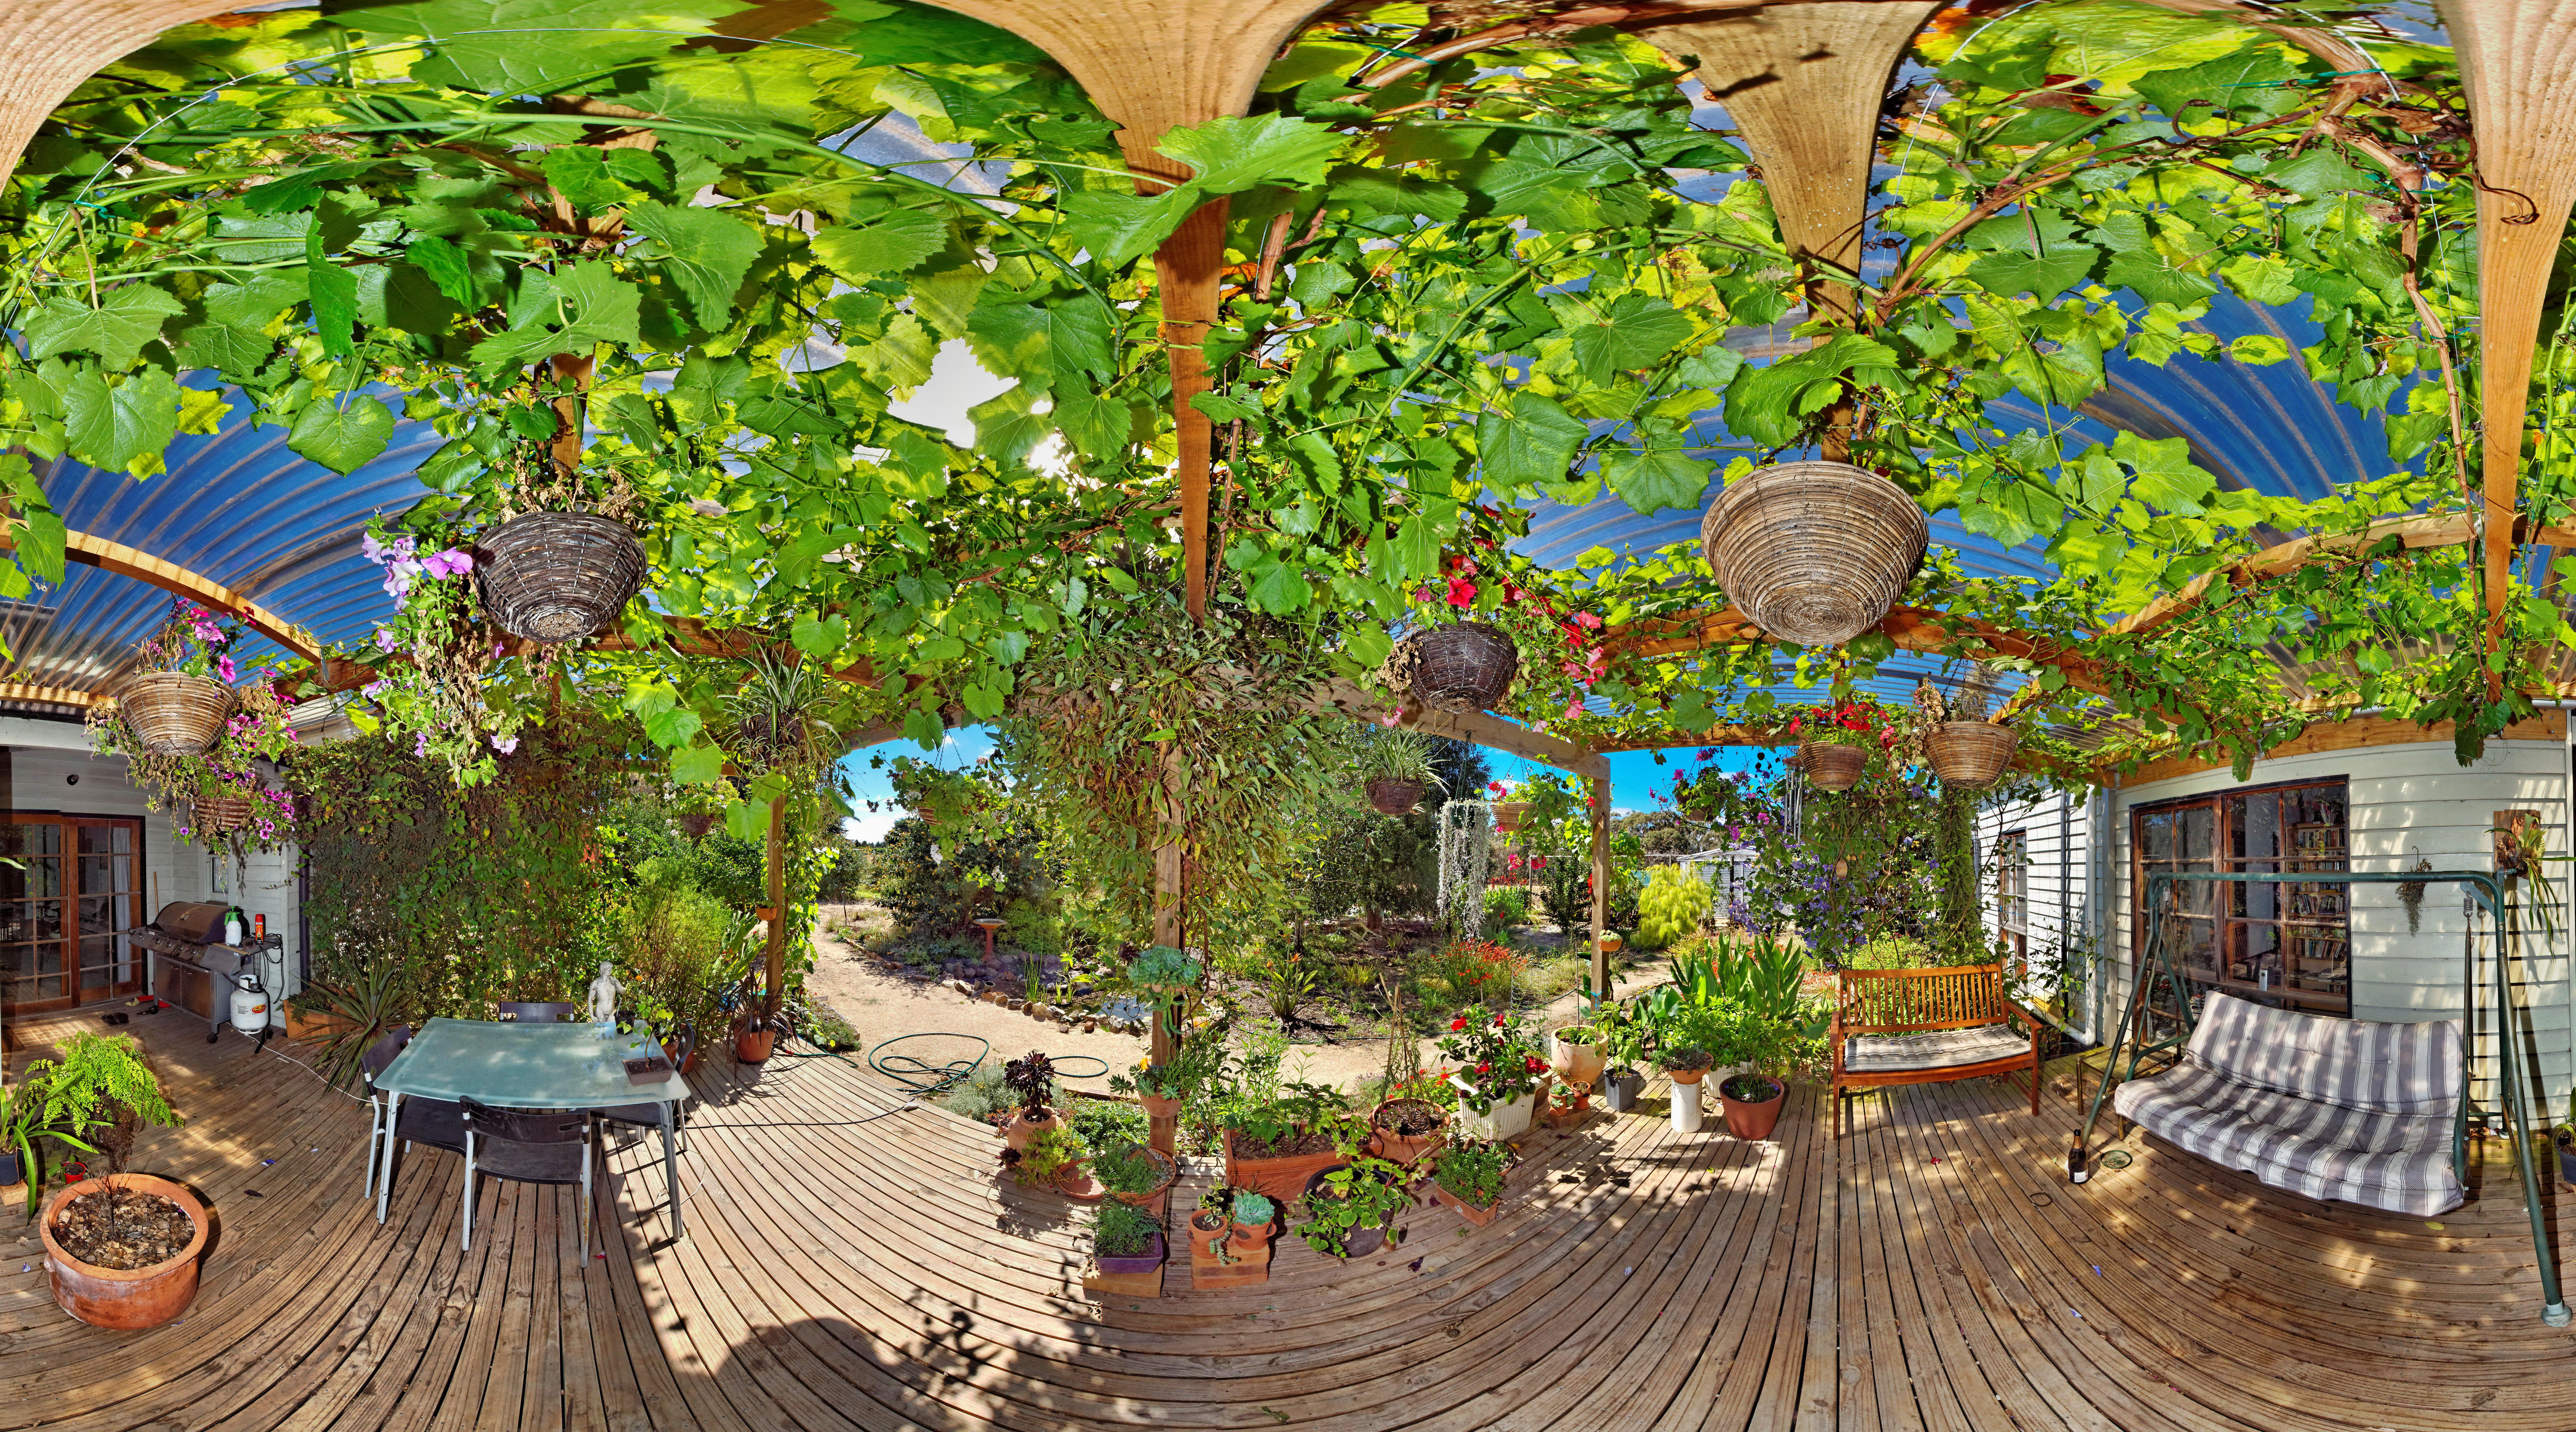 verandah-centre-notop.jpeg